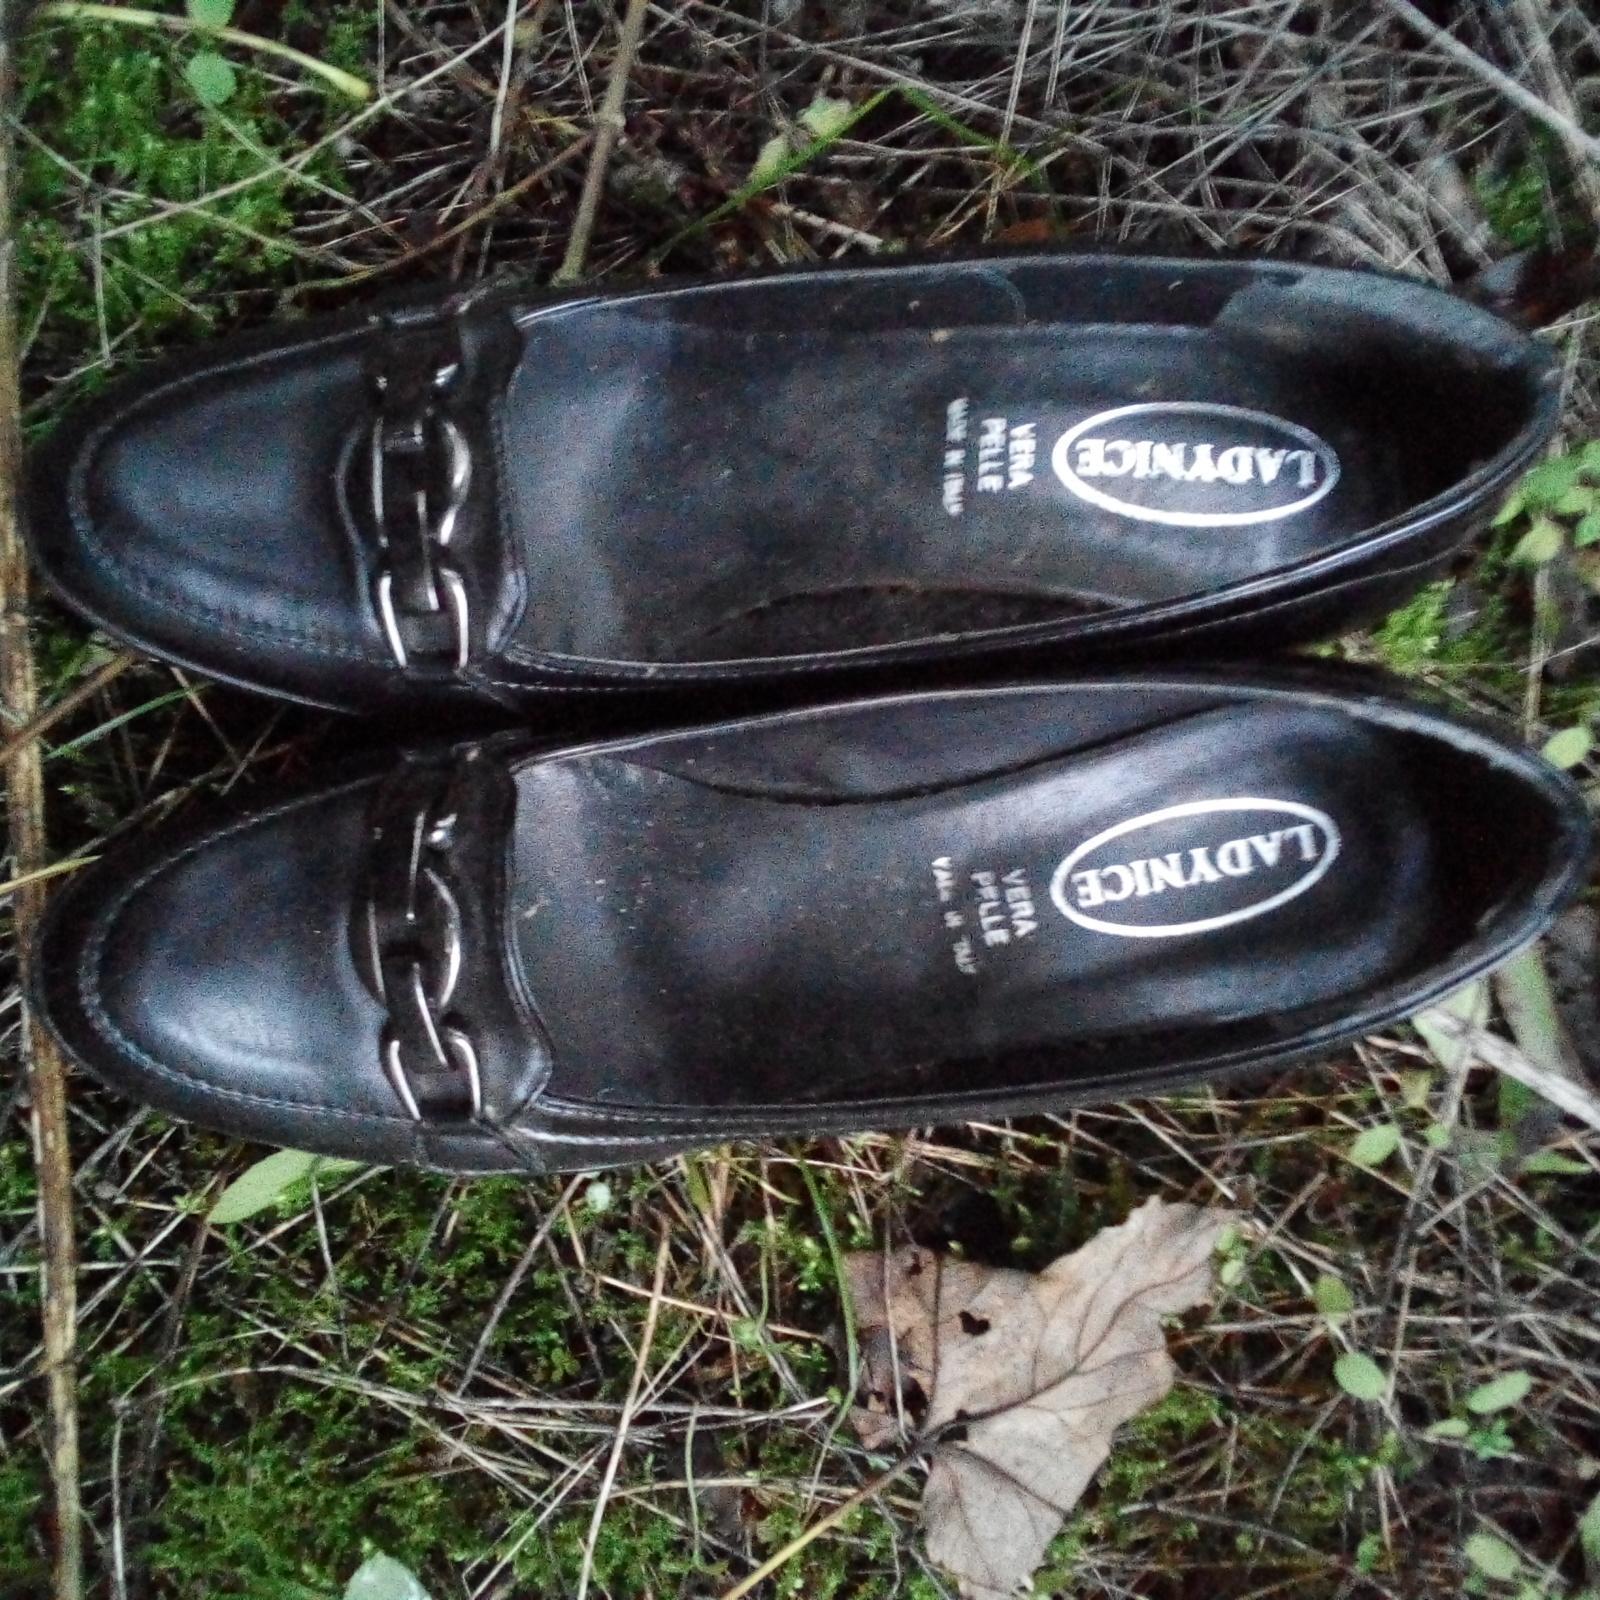 troc de troc chaussures 37 image 1